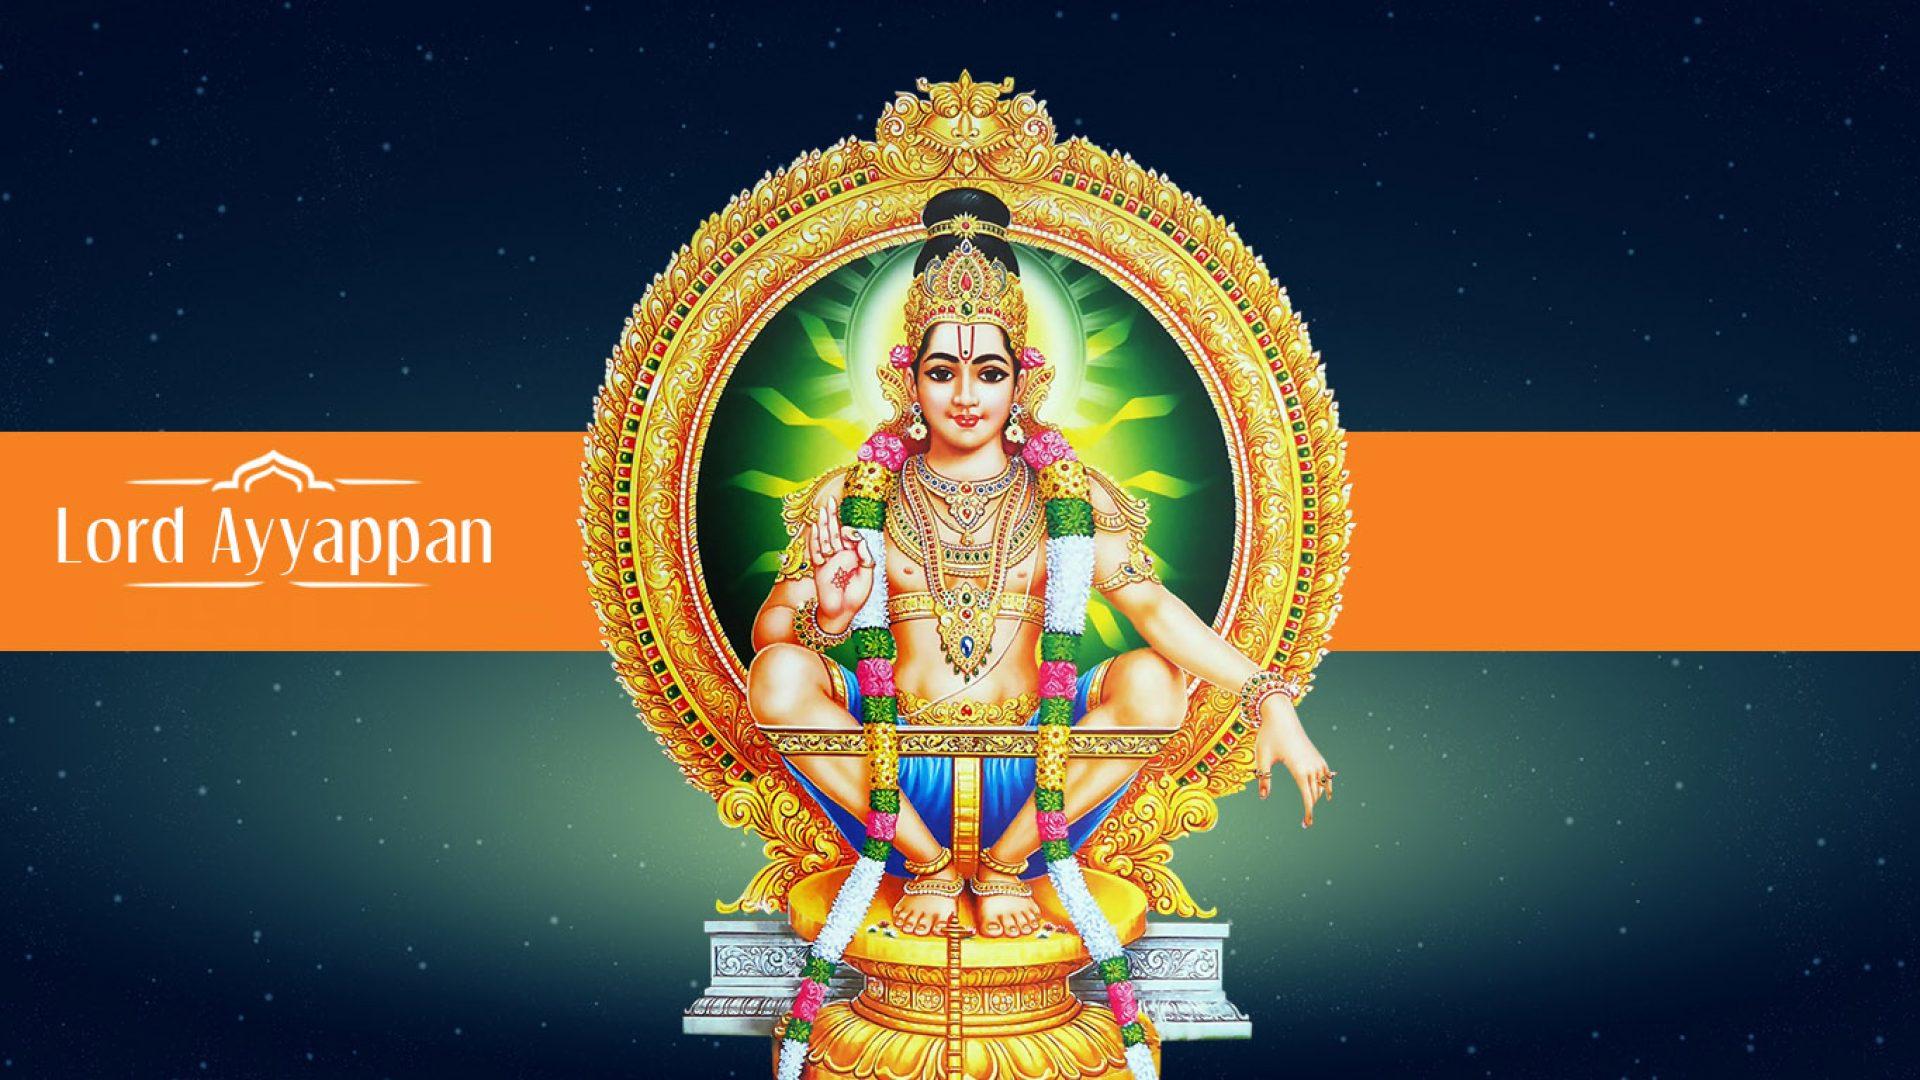 ayyappan wallpaper hd hindu gods and goddesses ayyappan wallpaper hd hindu gods and